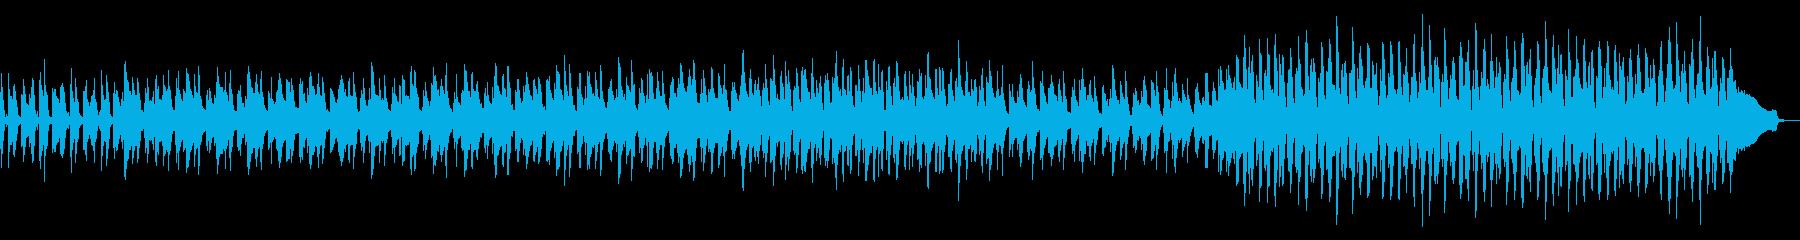 【メロディ・ドラム抜き】ムービーに最適…の再生済みの波形